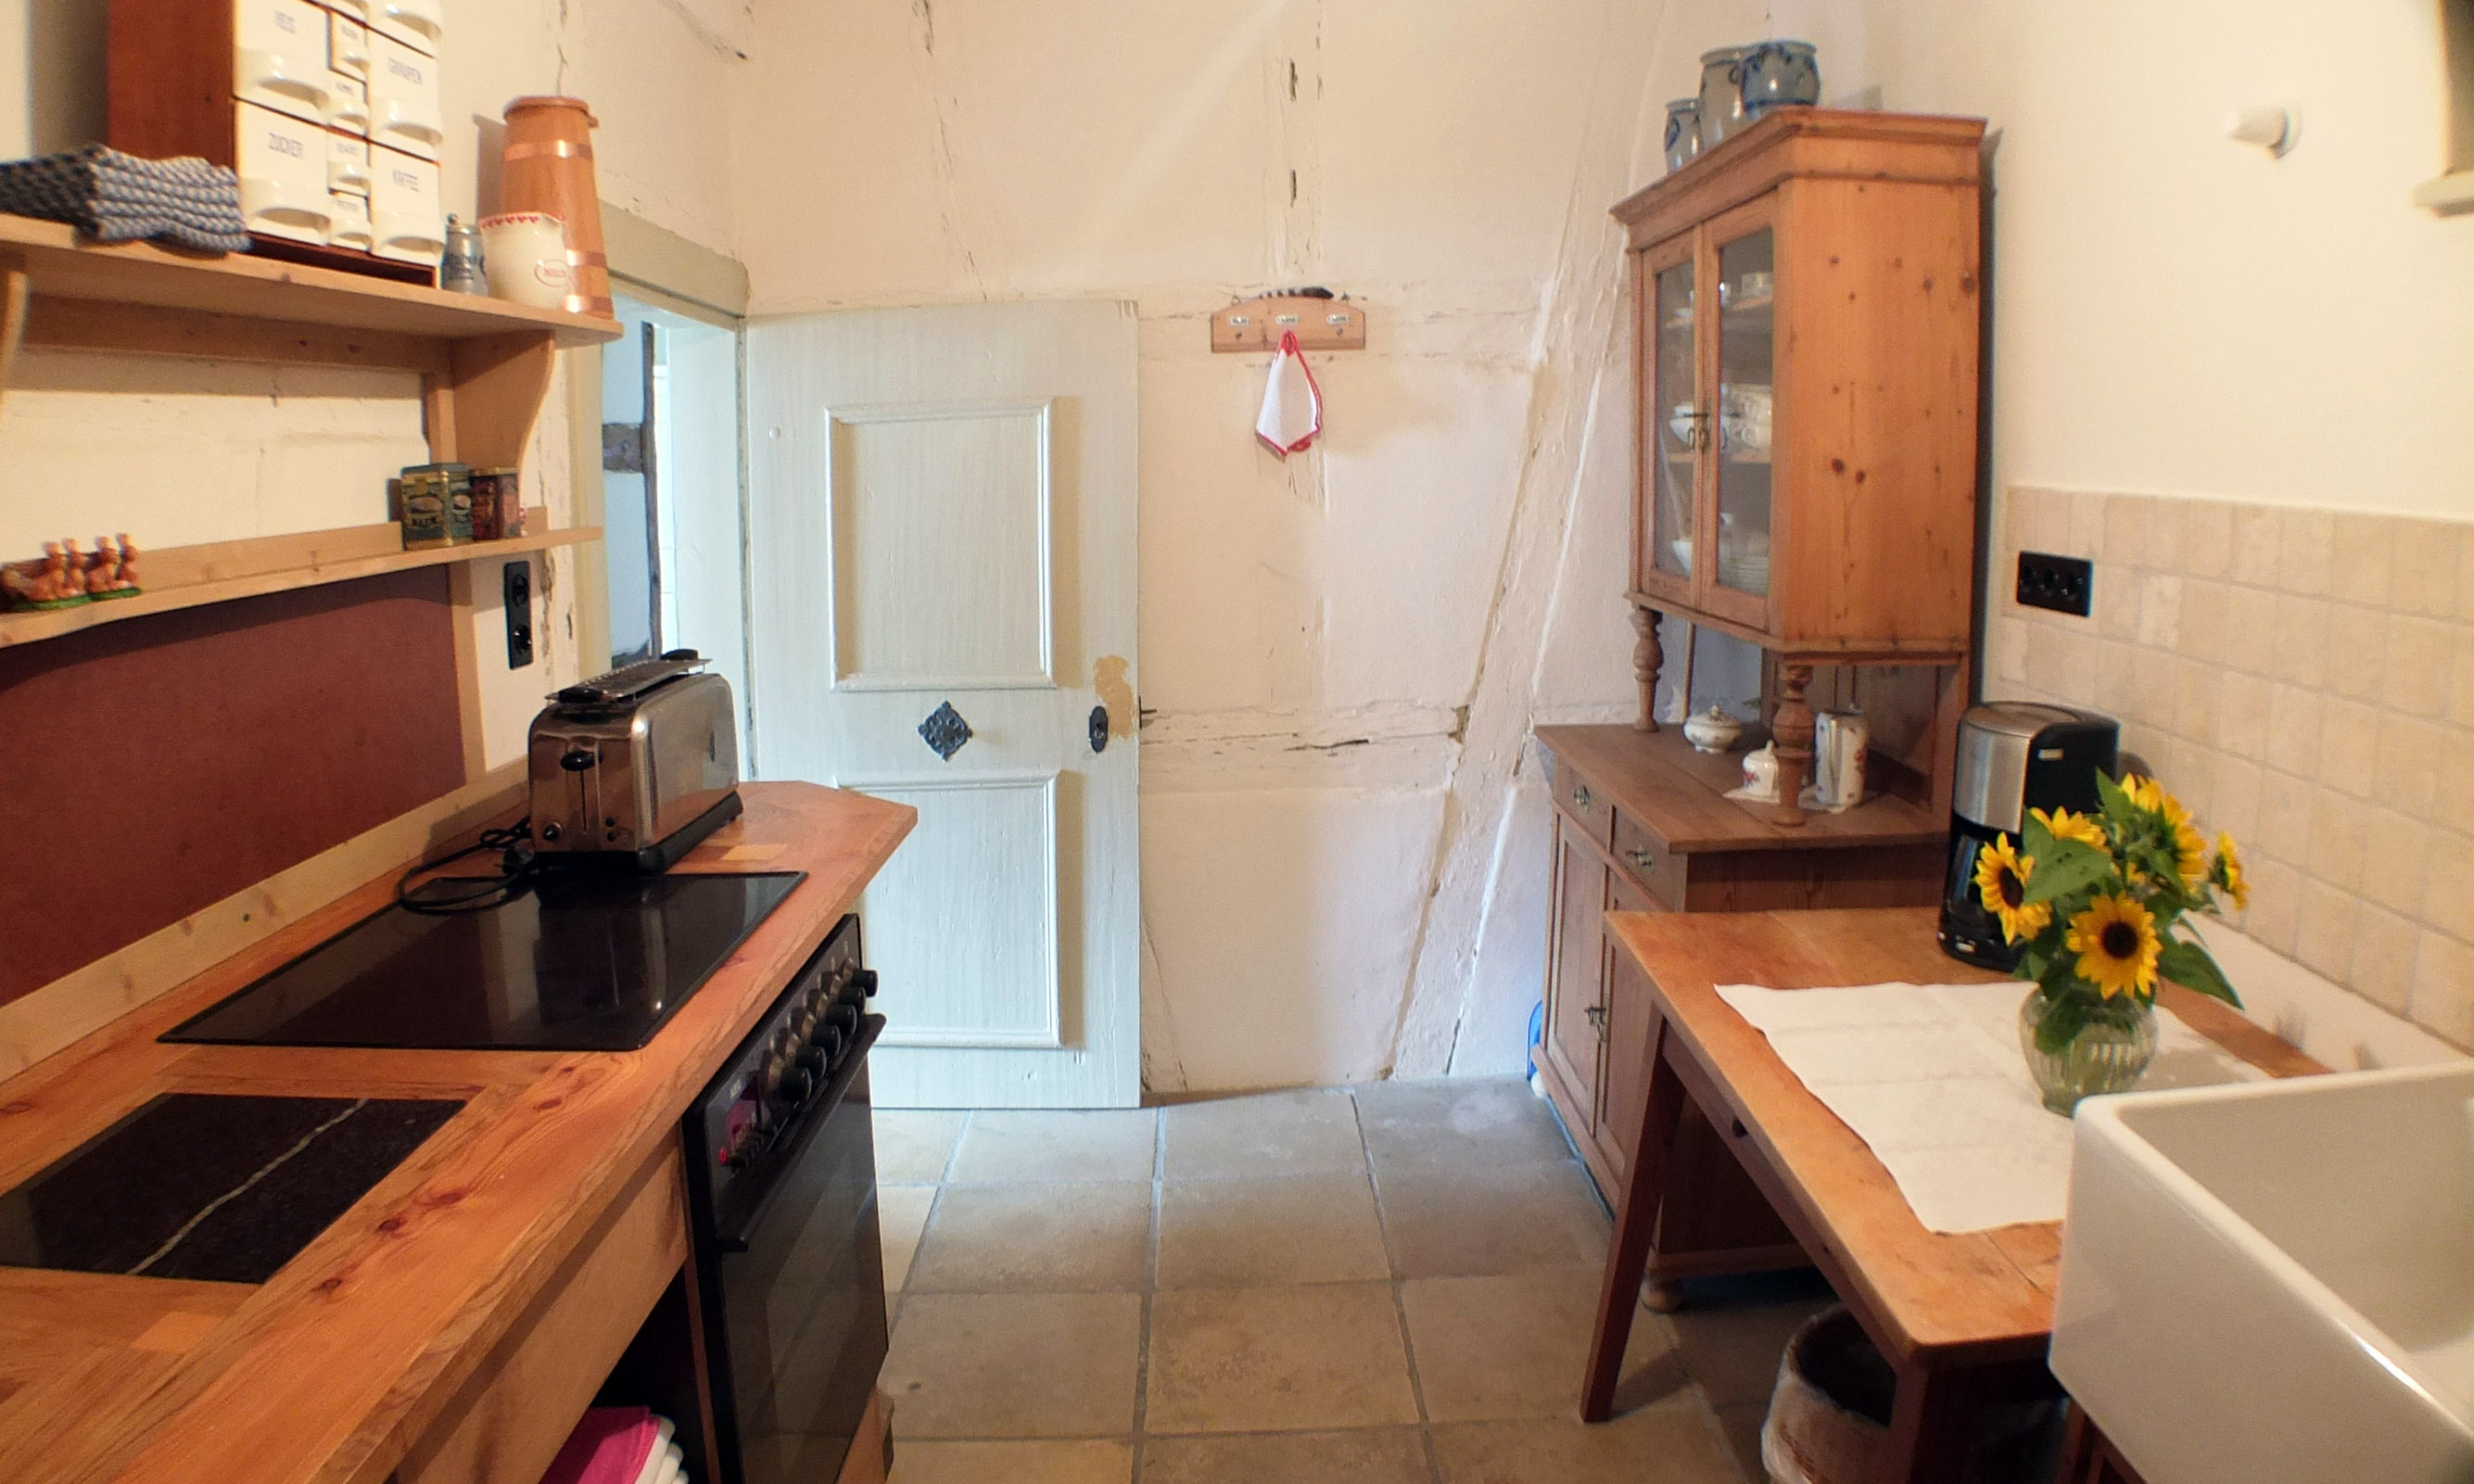 Küche Schreiner   Die Kuche Wurde Vom Schreiner Fur Den Raum Hergestellt Goldener Adler